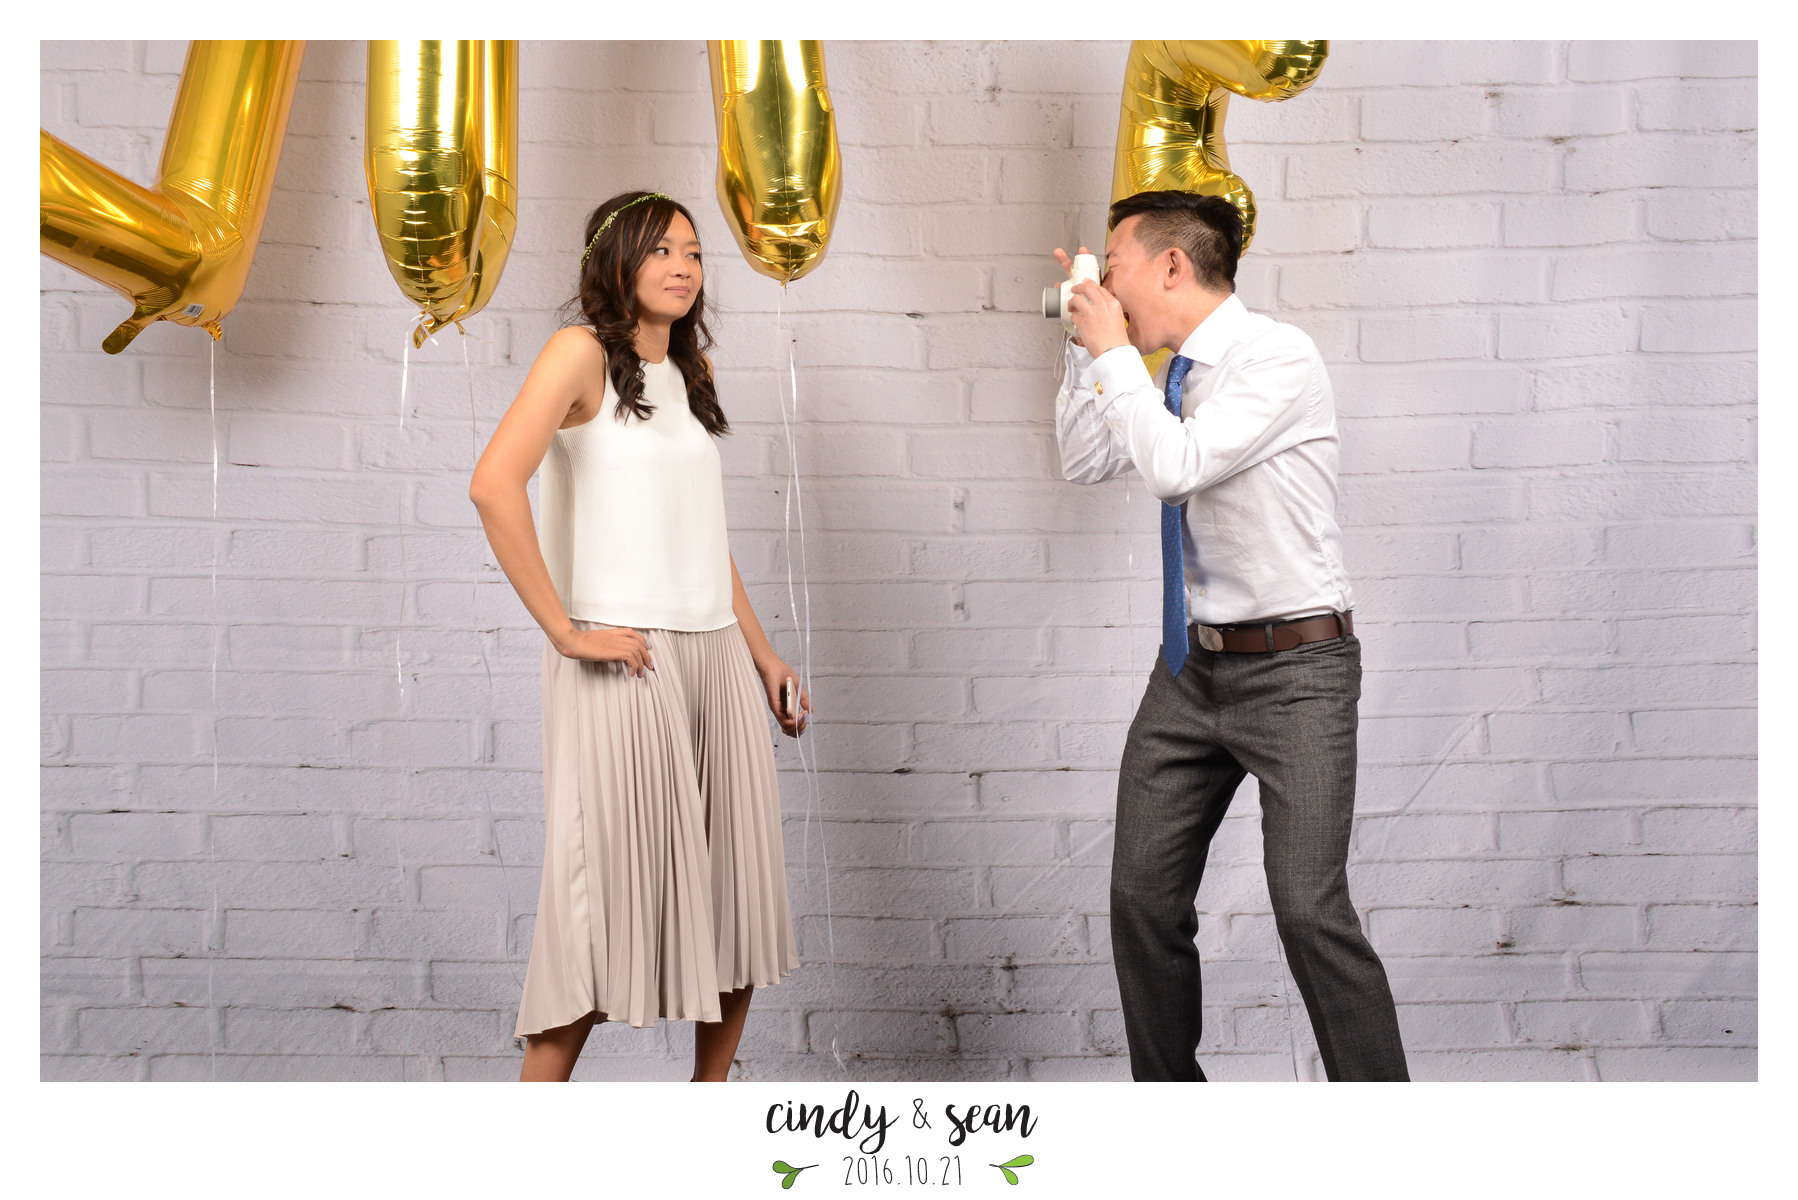 Cindy Sean Bae - 0001-227.jpg